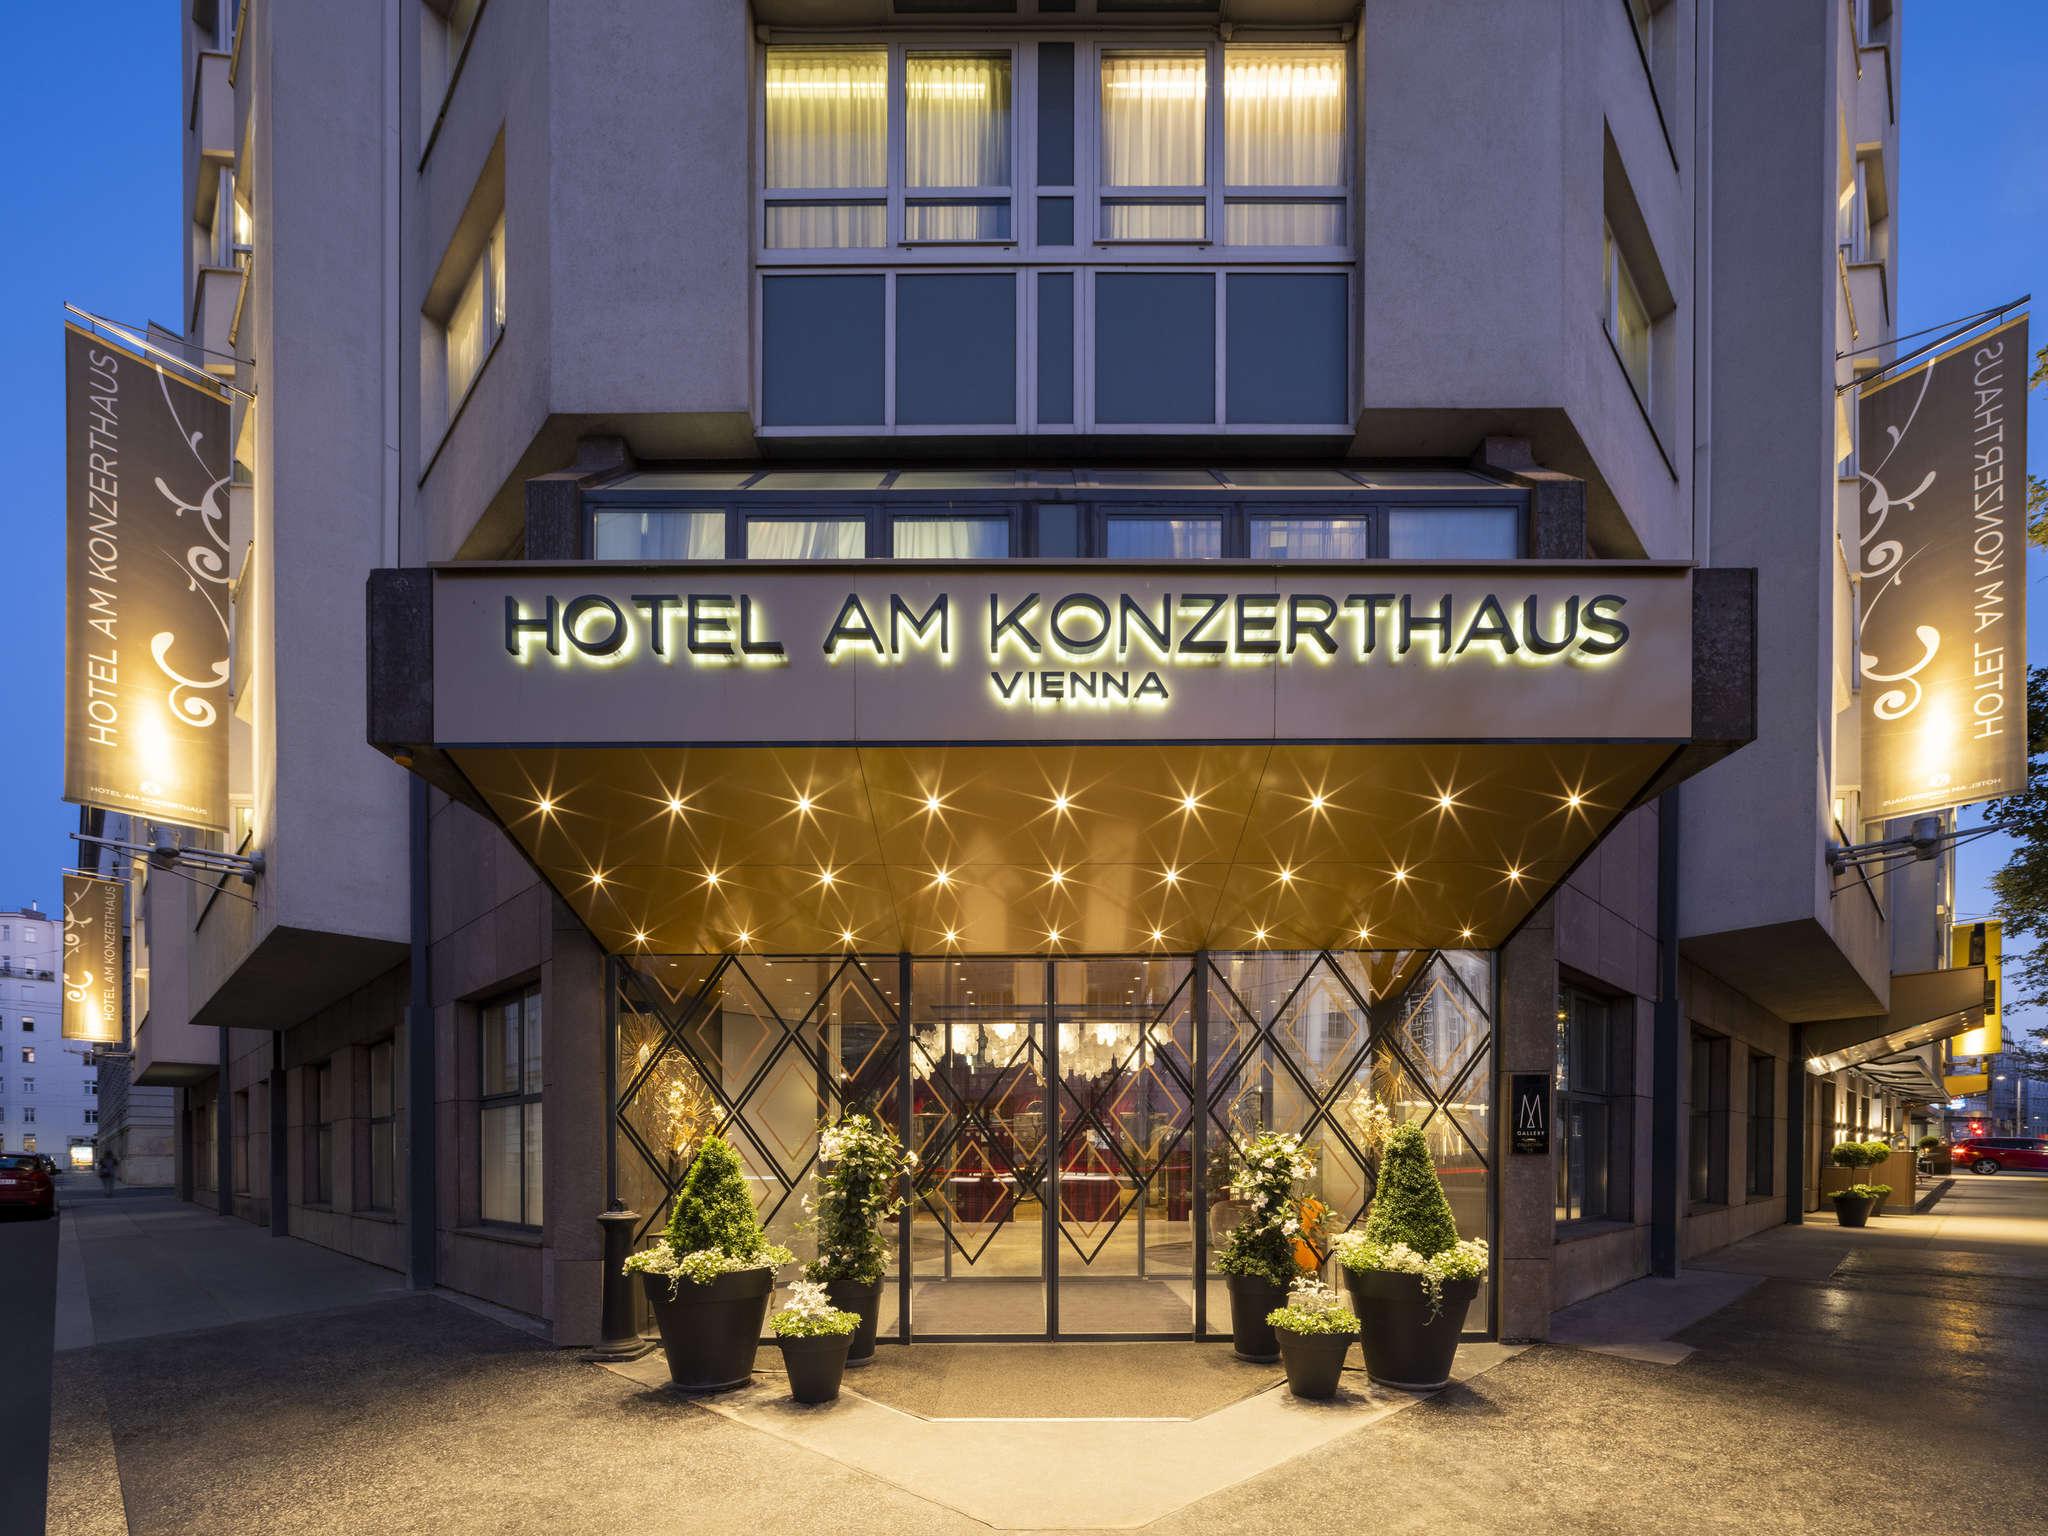 酒店 – 美憬阁音乐厅酒店